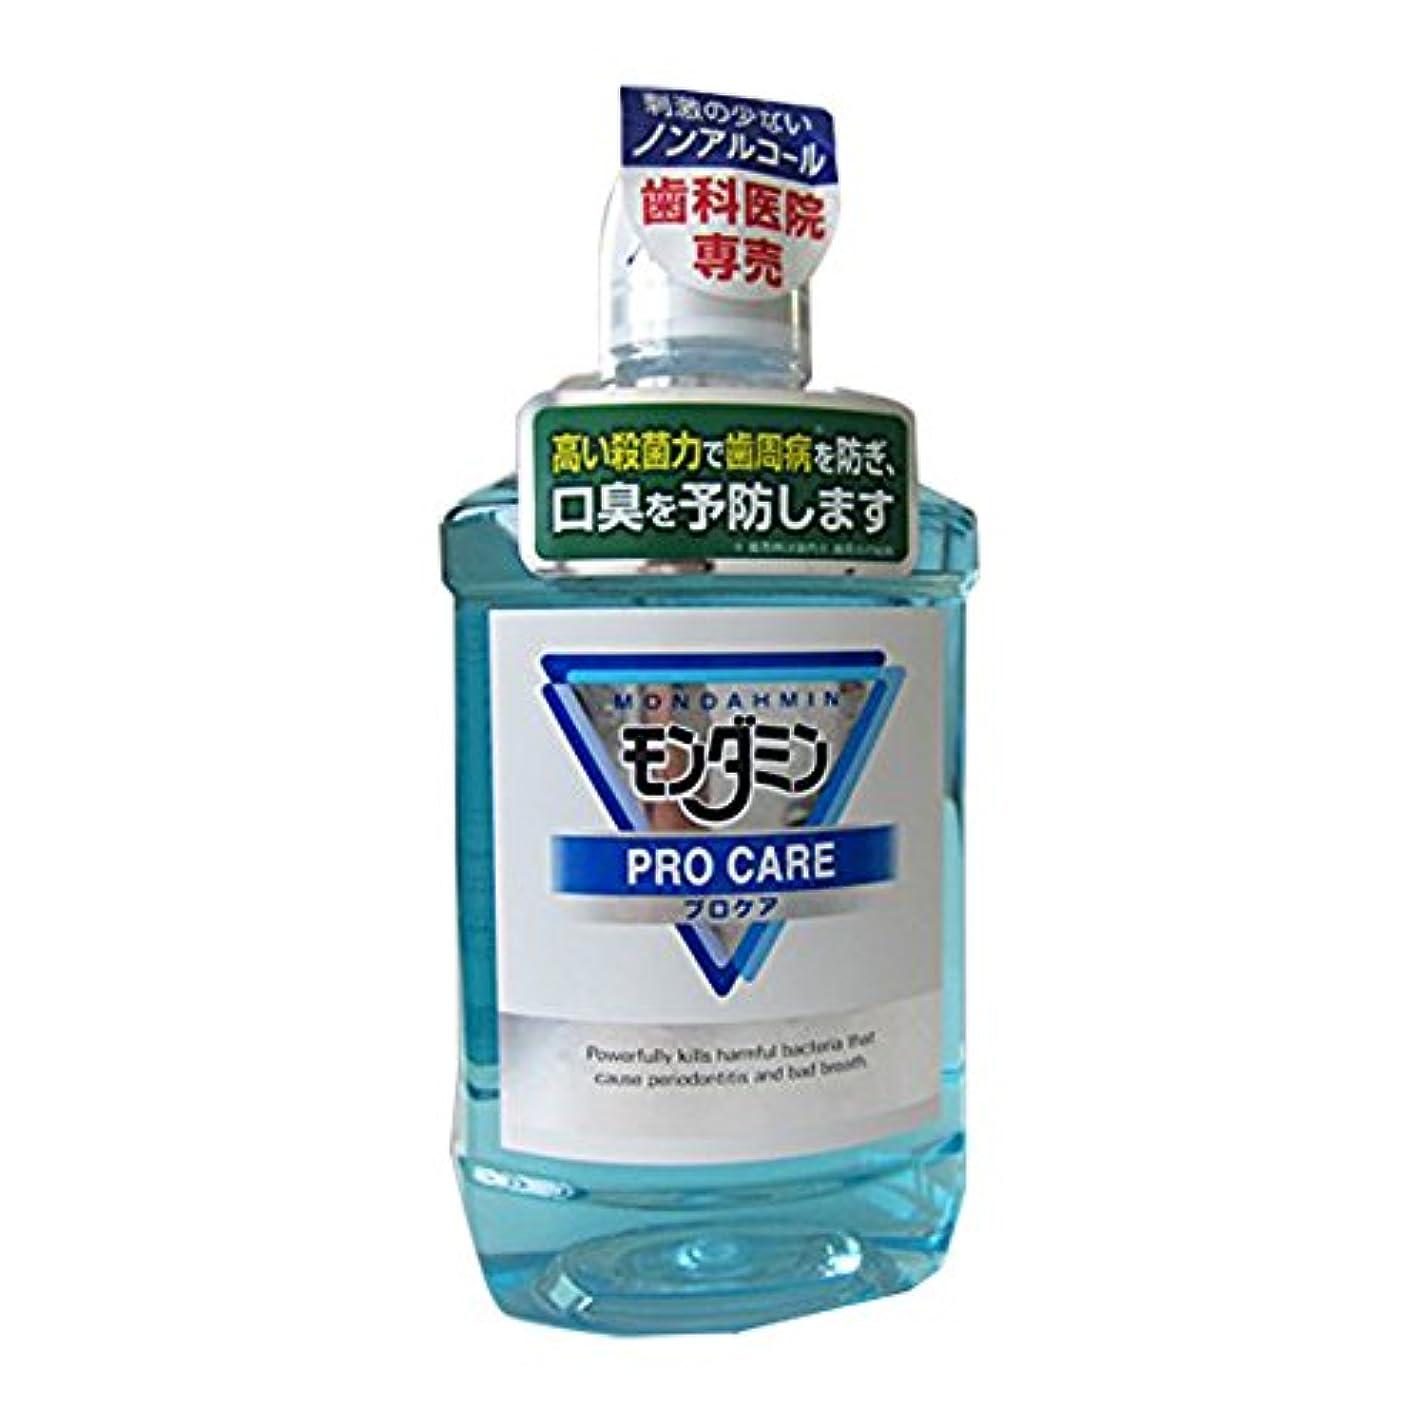 花嫁祭りエゴマニアモンダミン モンダミン プロケア 1000ml ボトル 液体歯磨き単品